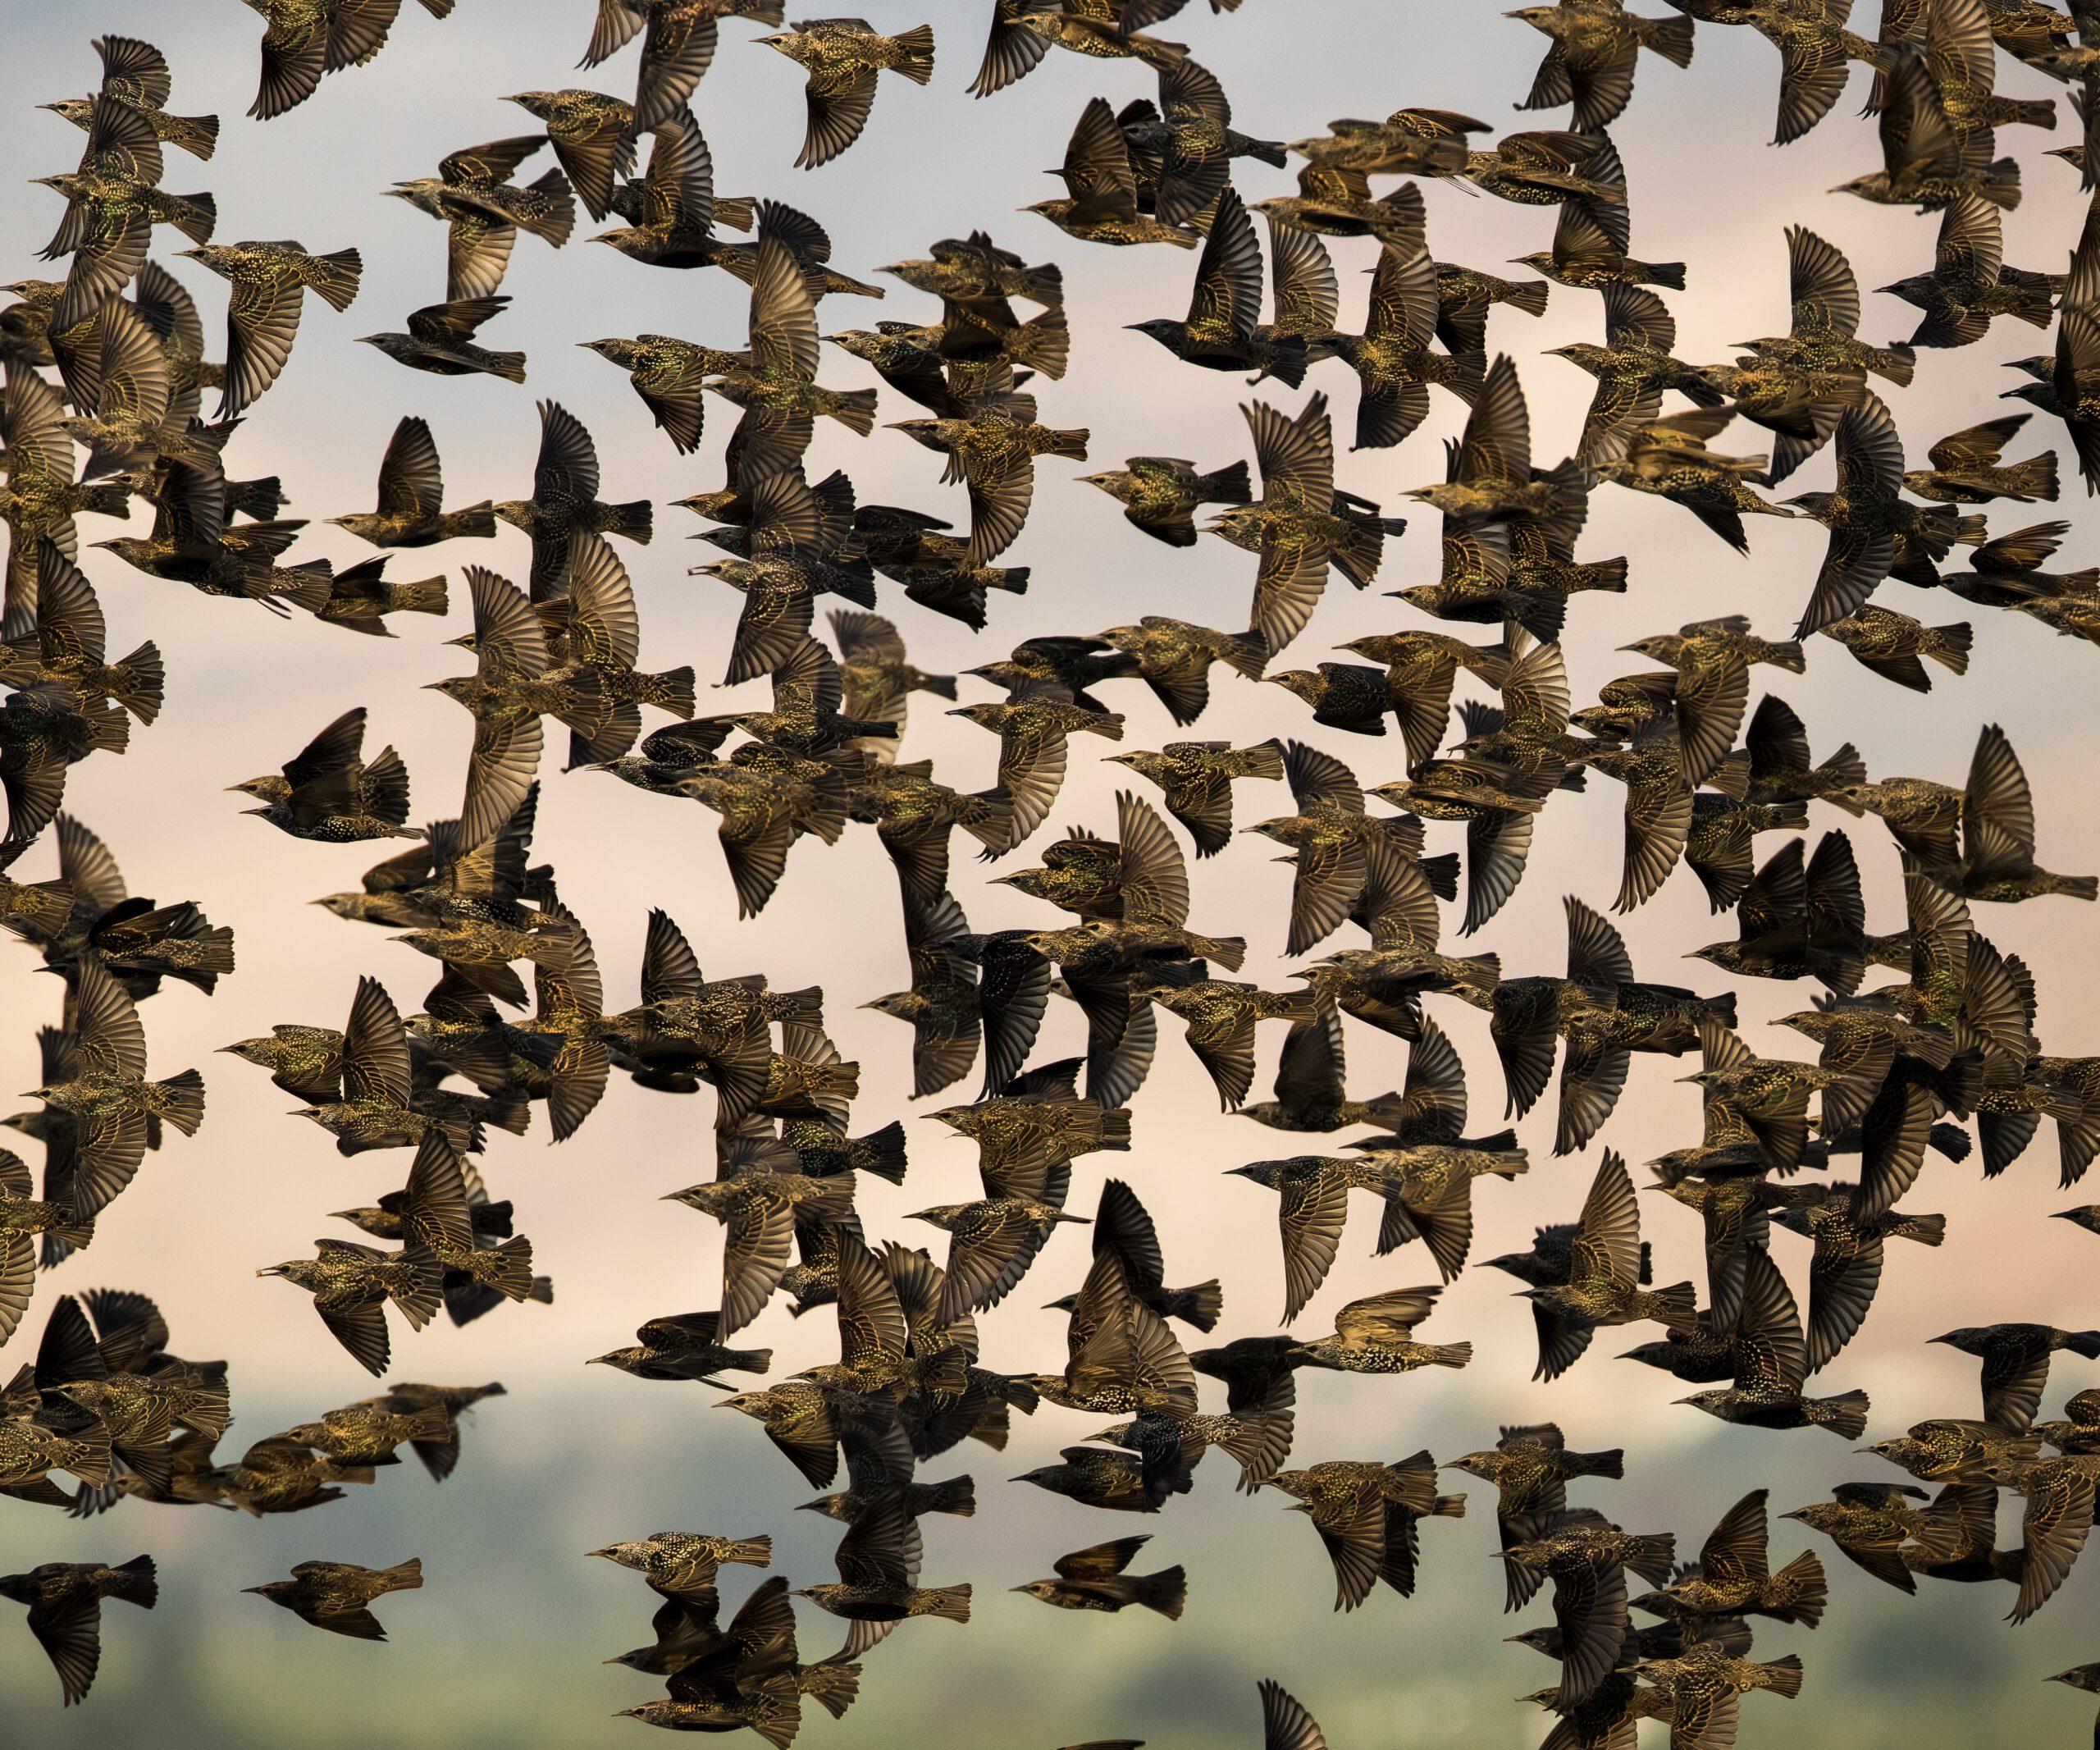 מחקר חדש ופורץ דרך שנערך בחוג למדעי החי במכללה האקדמית תל-חי בדק כיצד יודעות הציפורים את כיוון הנדידה